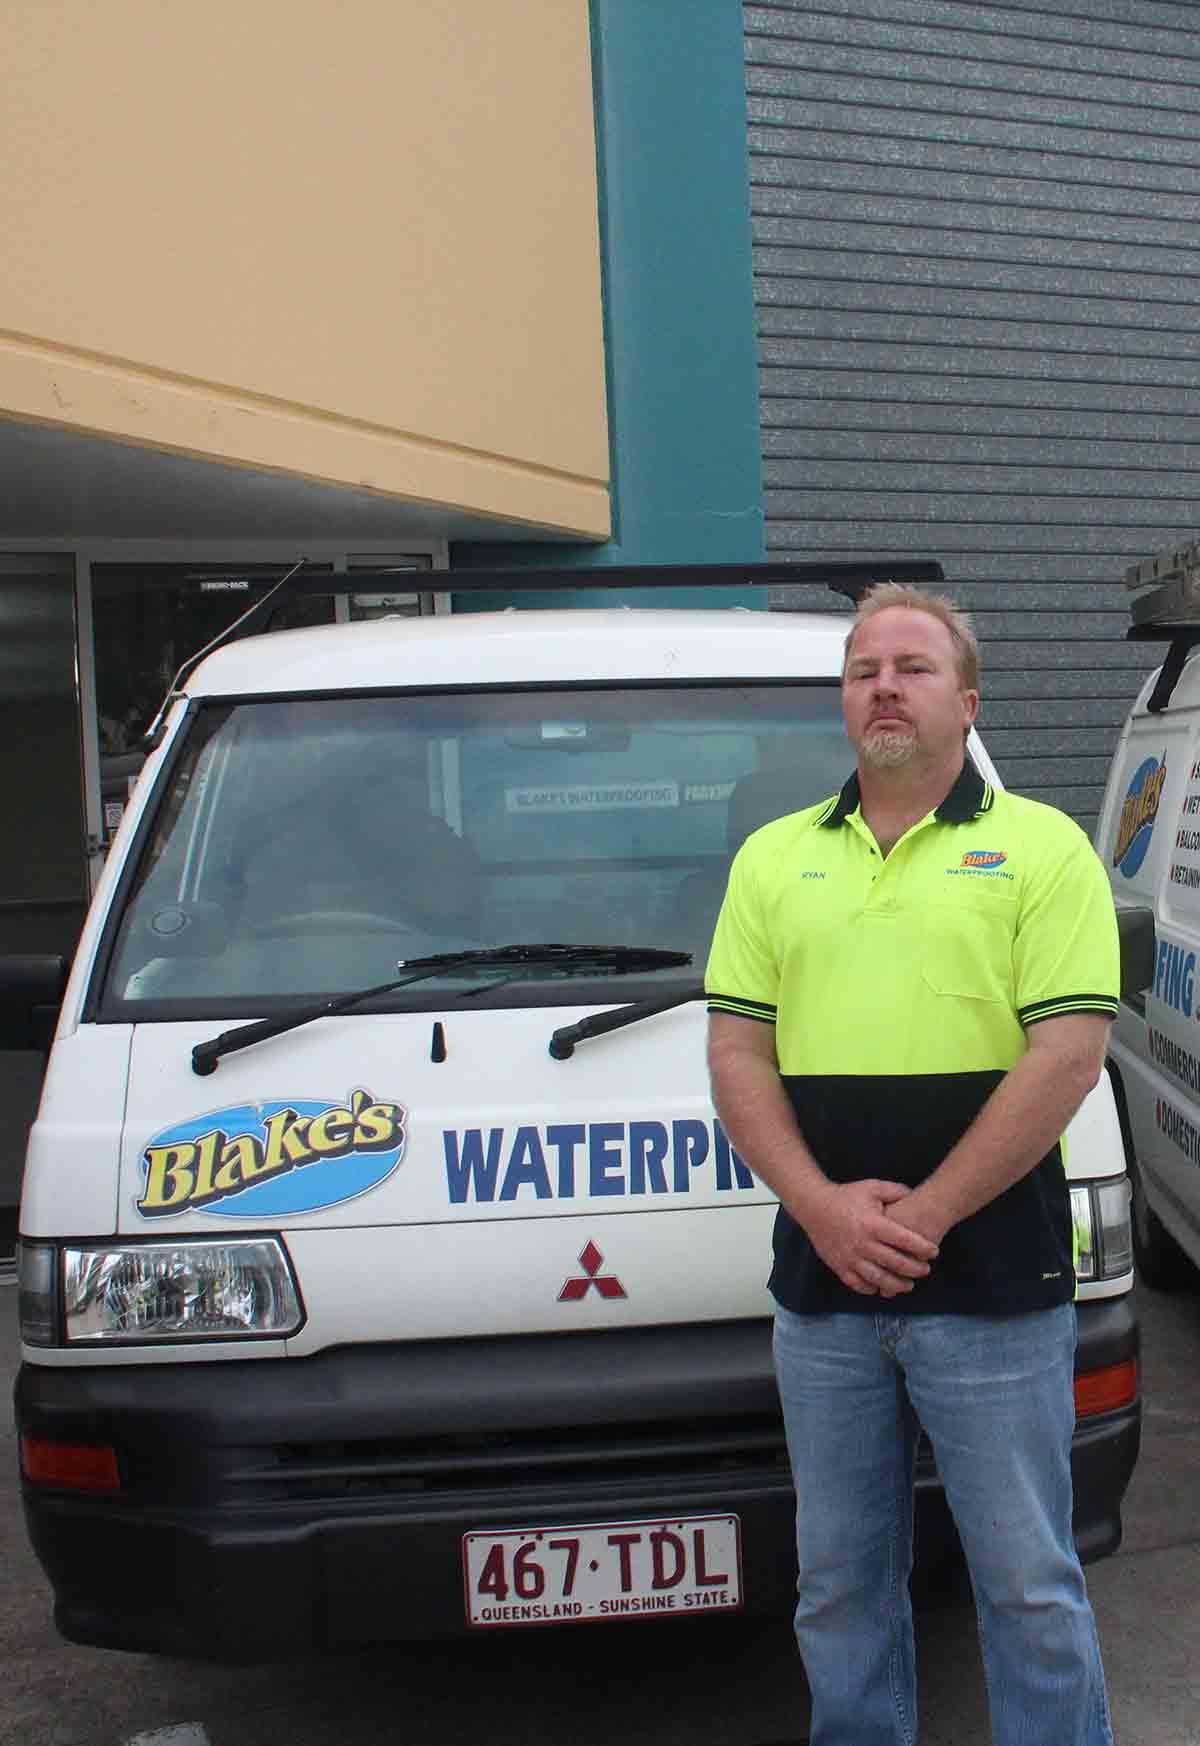 blakes waterproofing worker stand infront of van